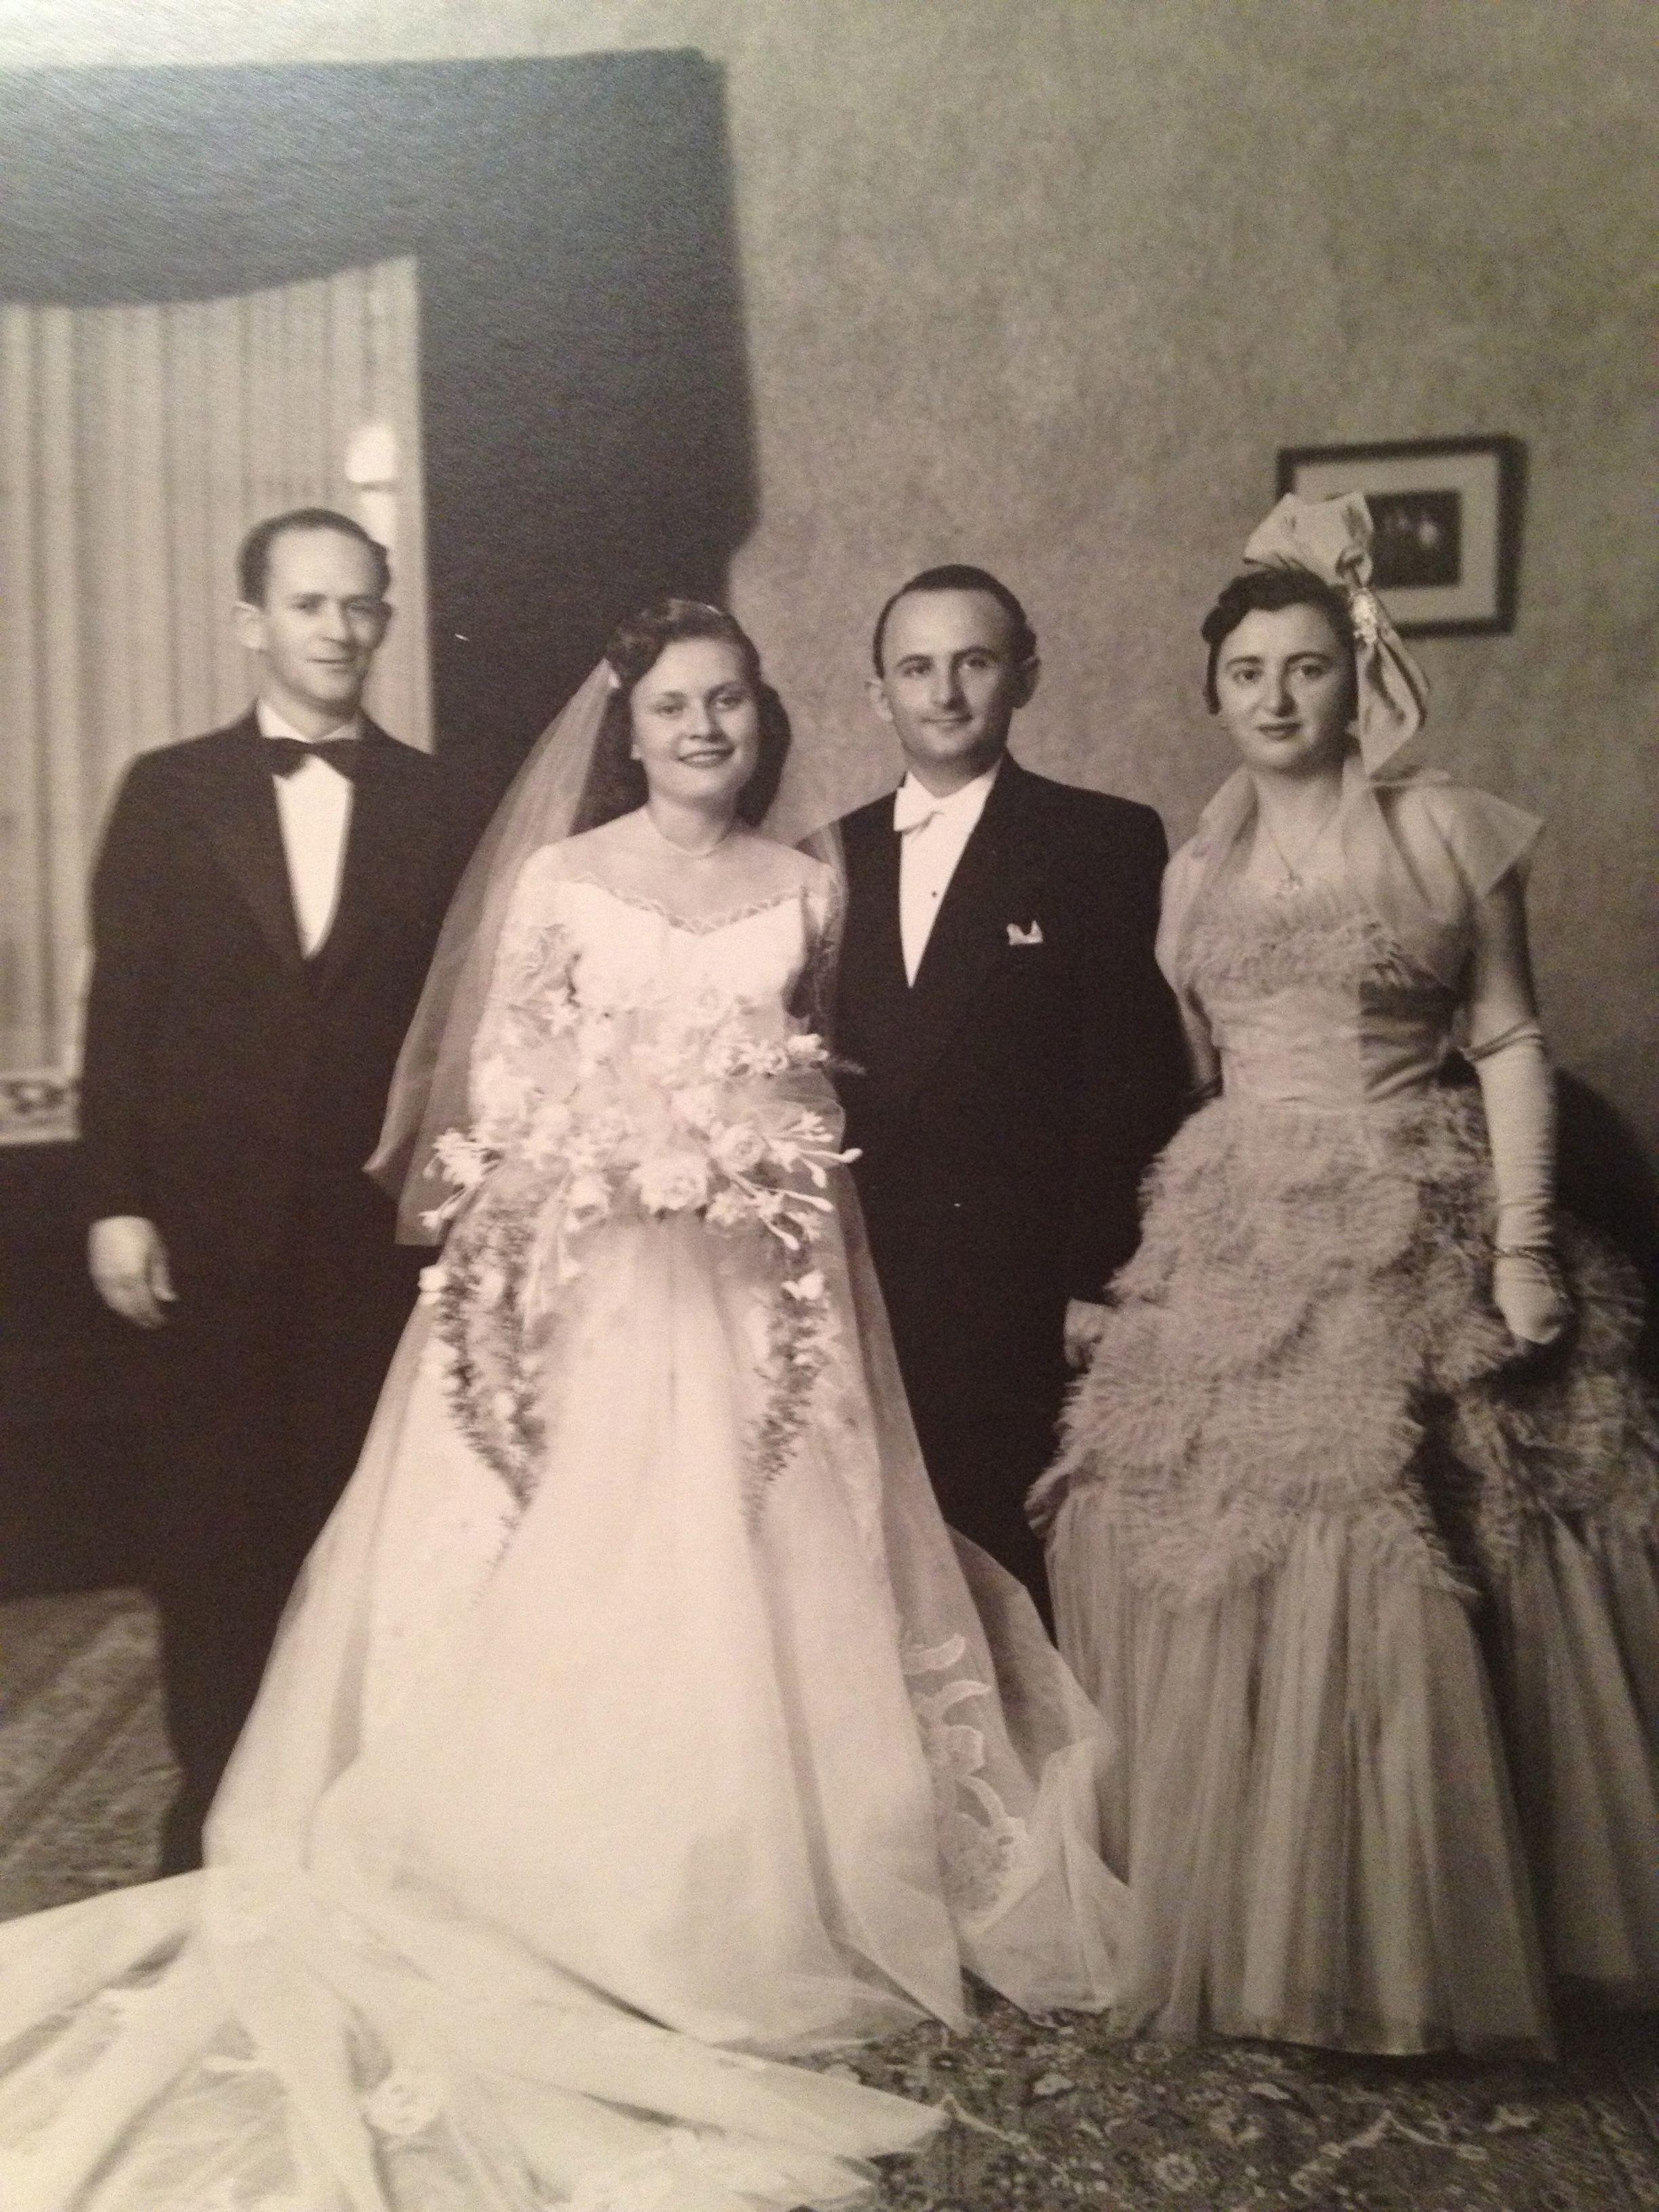 1950 wedding dress  omag    Weddings  Pinterest  Vintage weddings